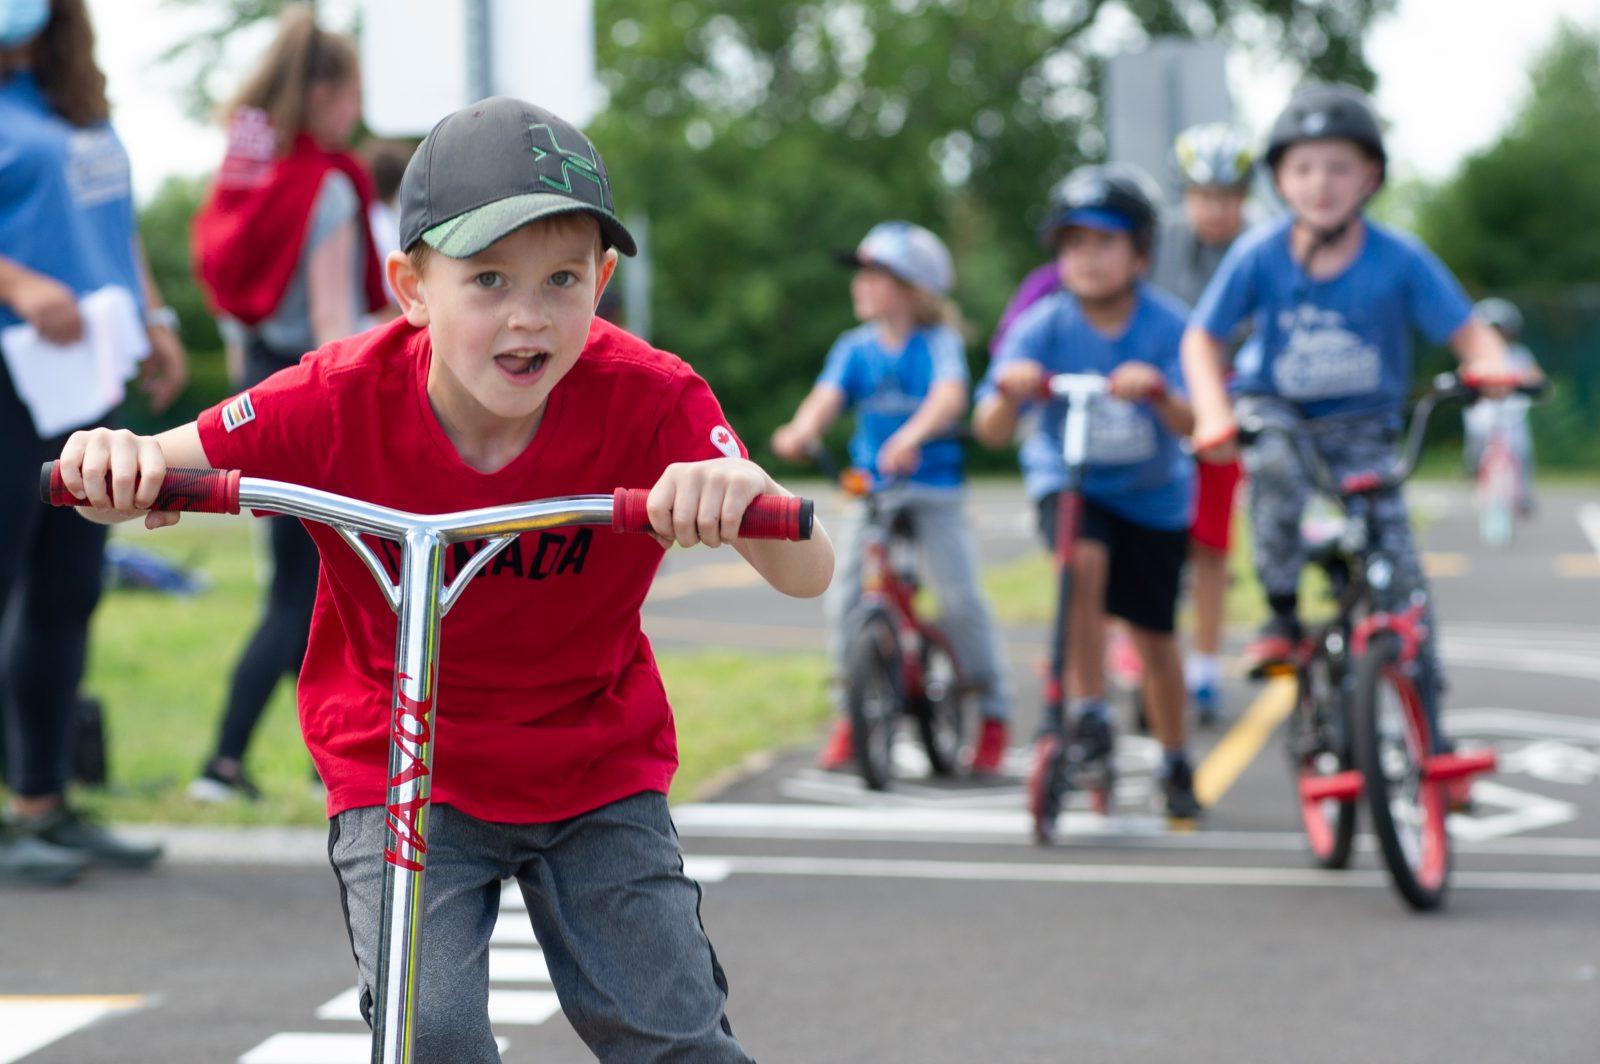 Un parcours éducatif de vélo unique au Québec (photos et vidéo)